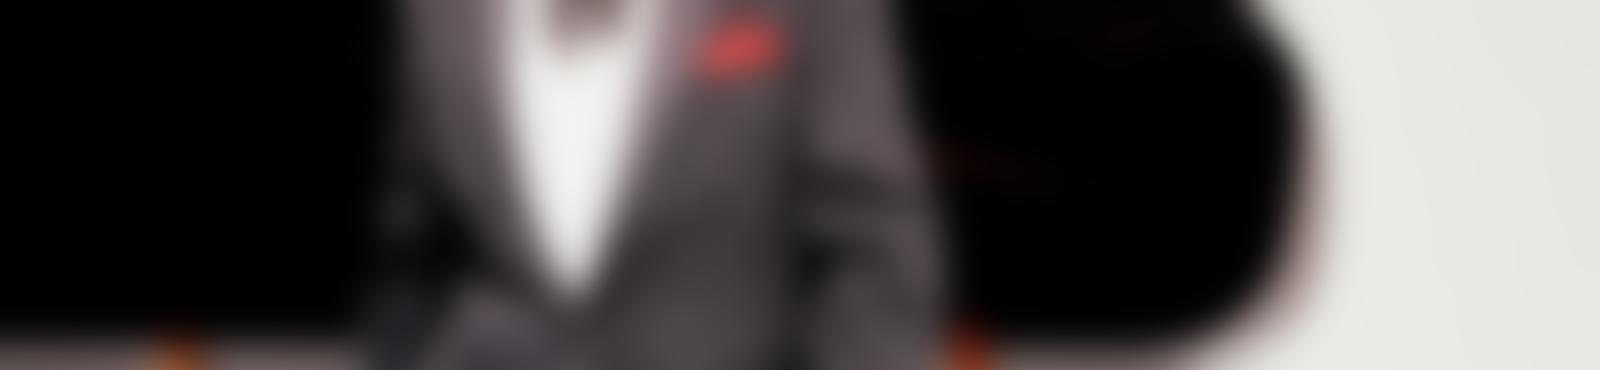 Blurred a85b775a bae3 48f0 a5a7 80760ae62eda